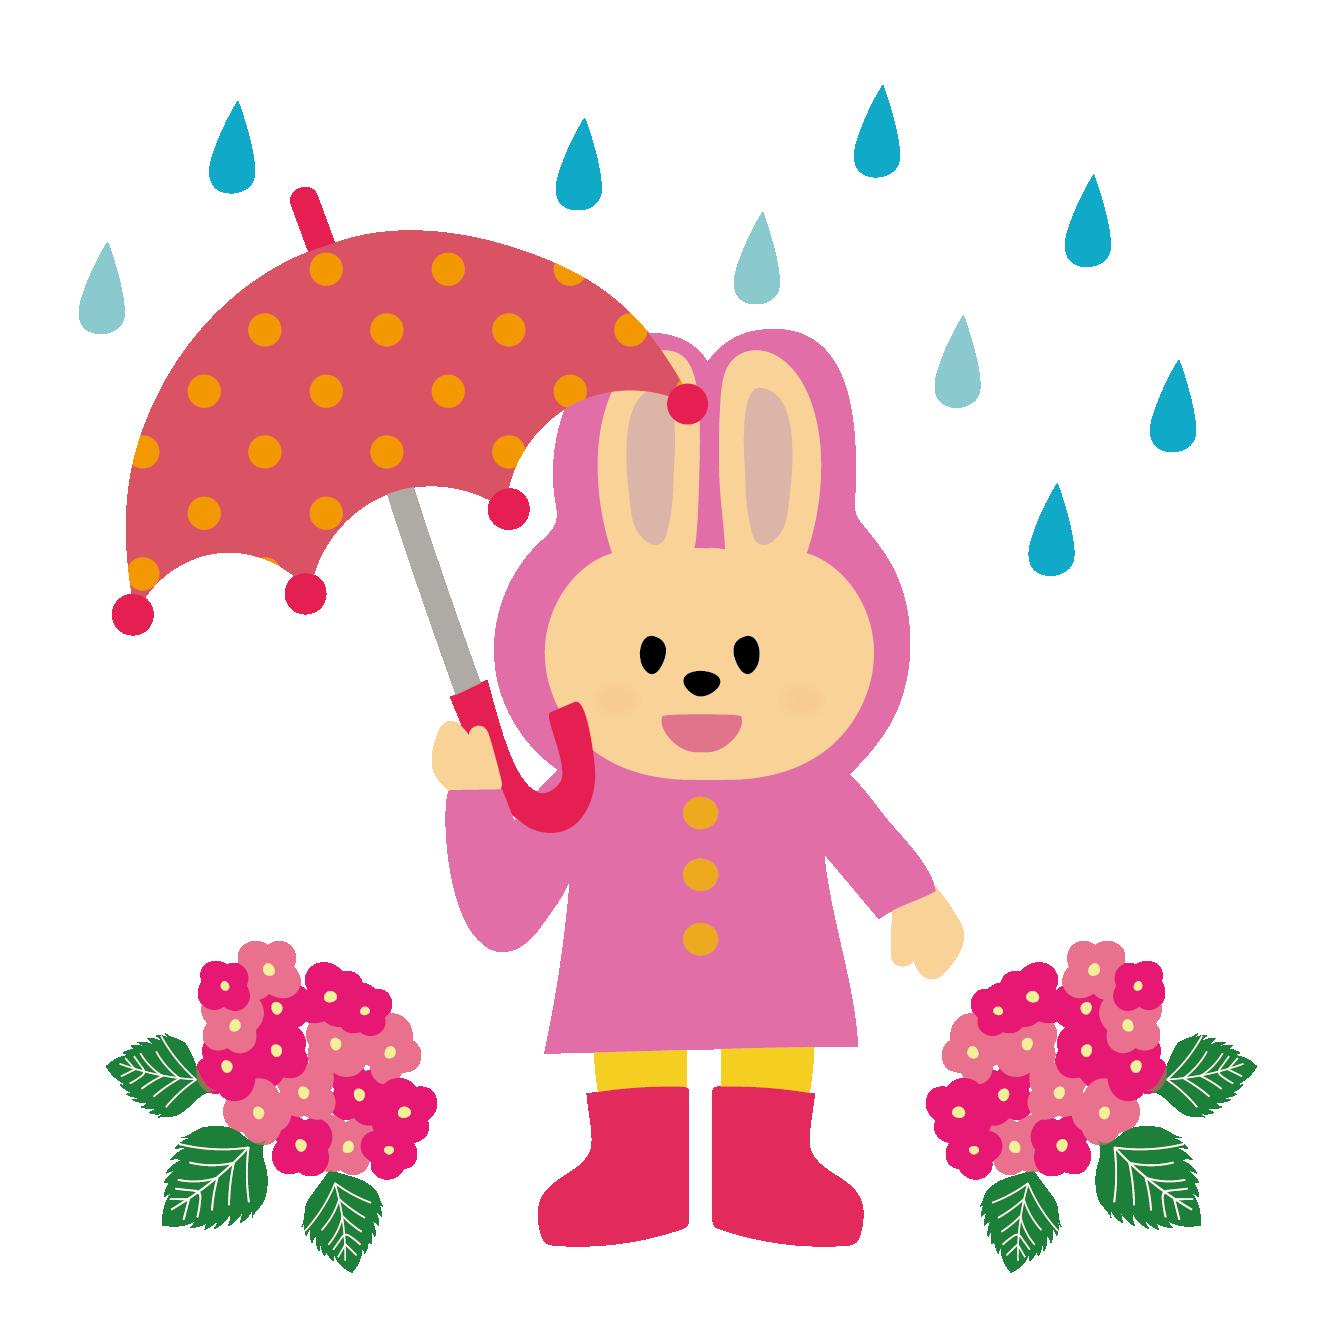 ピンクのレインコートを着たうさぎのイラスト【梅雨】